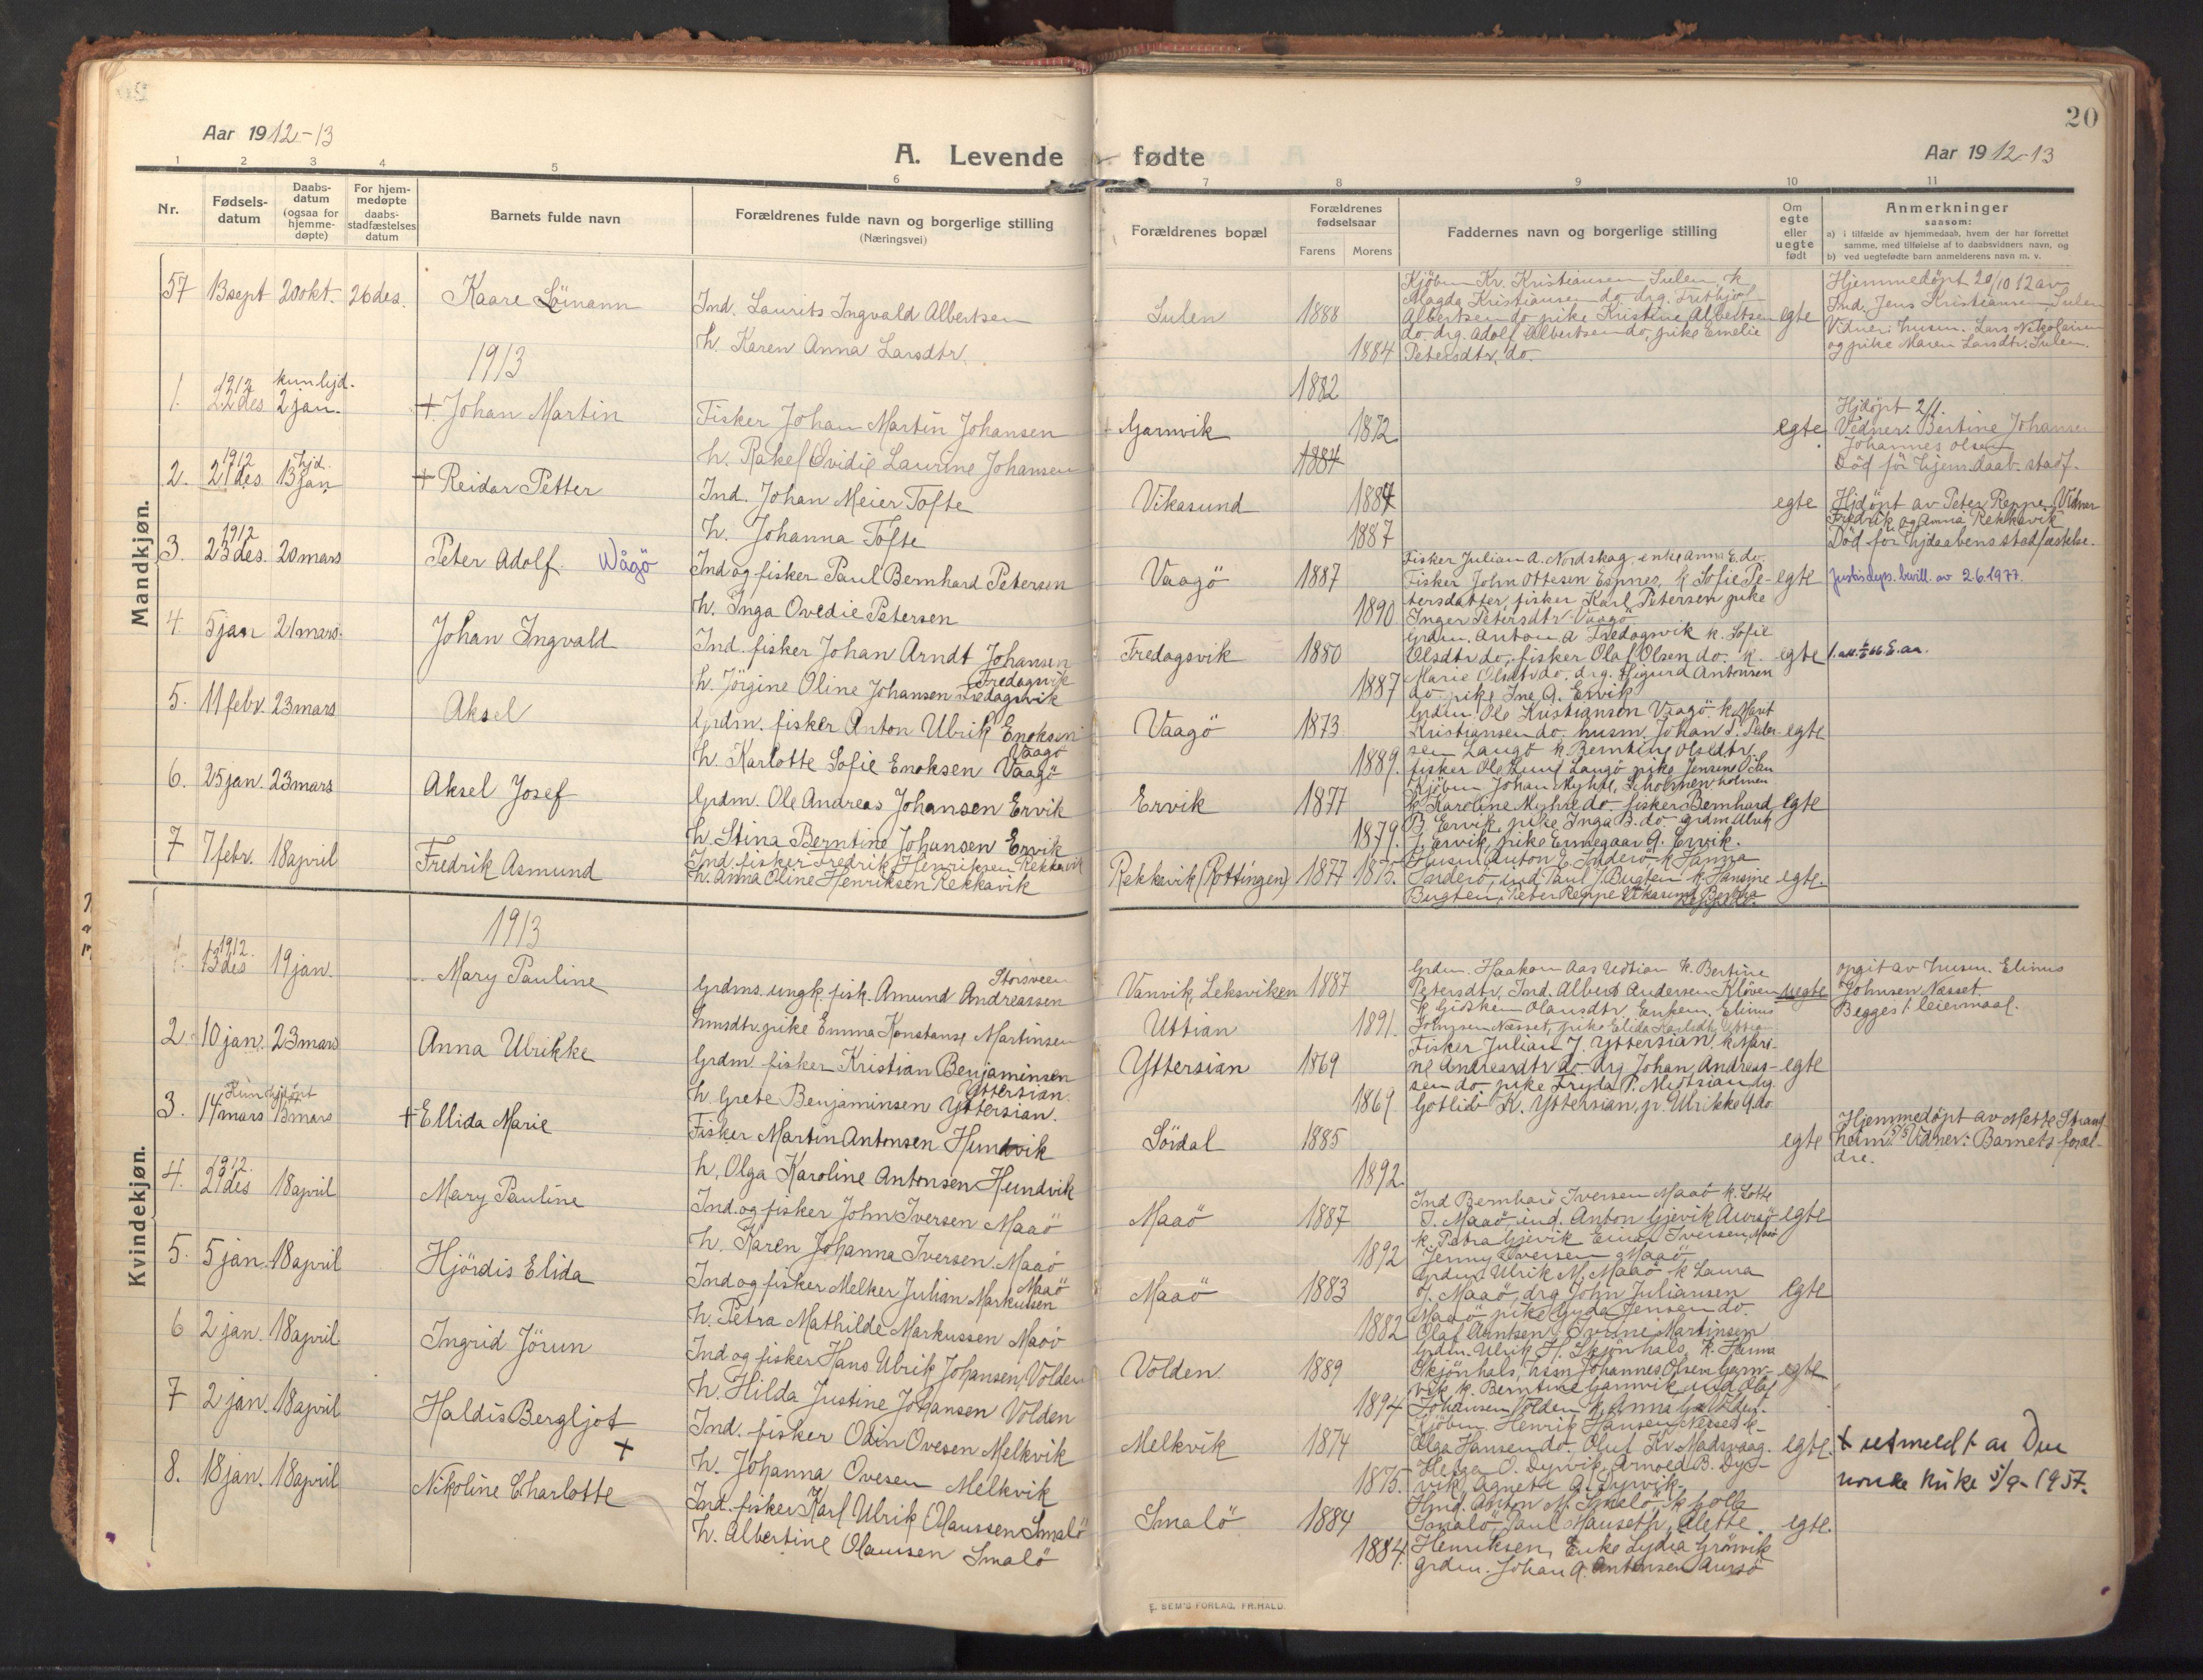 SAT, Ministerialprotokoller, klokkerbøker og fødselsregistre - Sør-Trøndelag, 640/L0581: Ministerialbok nr. 640A06, 1910-1924, s. 20